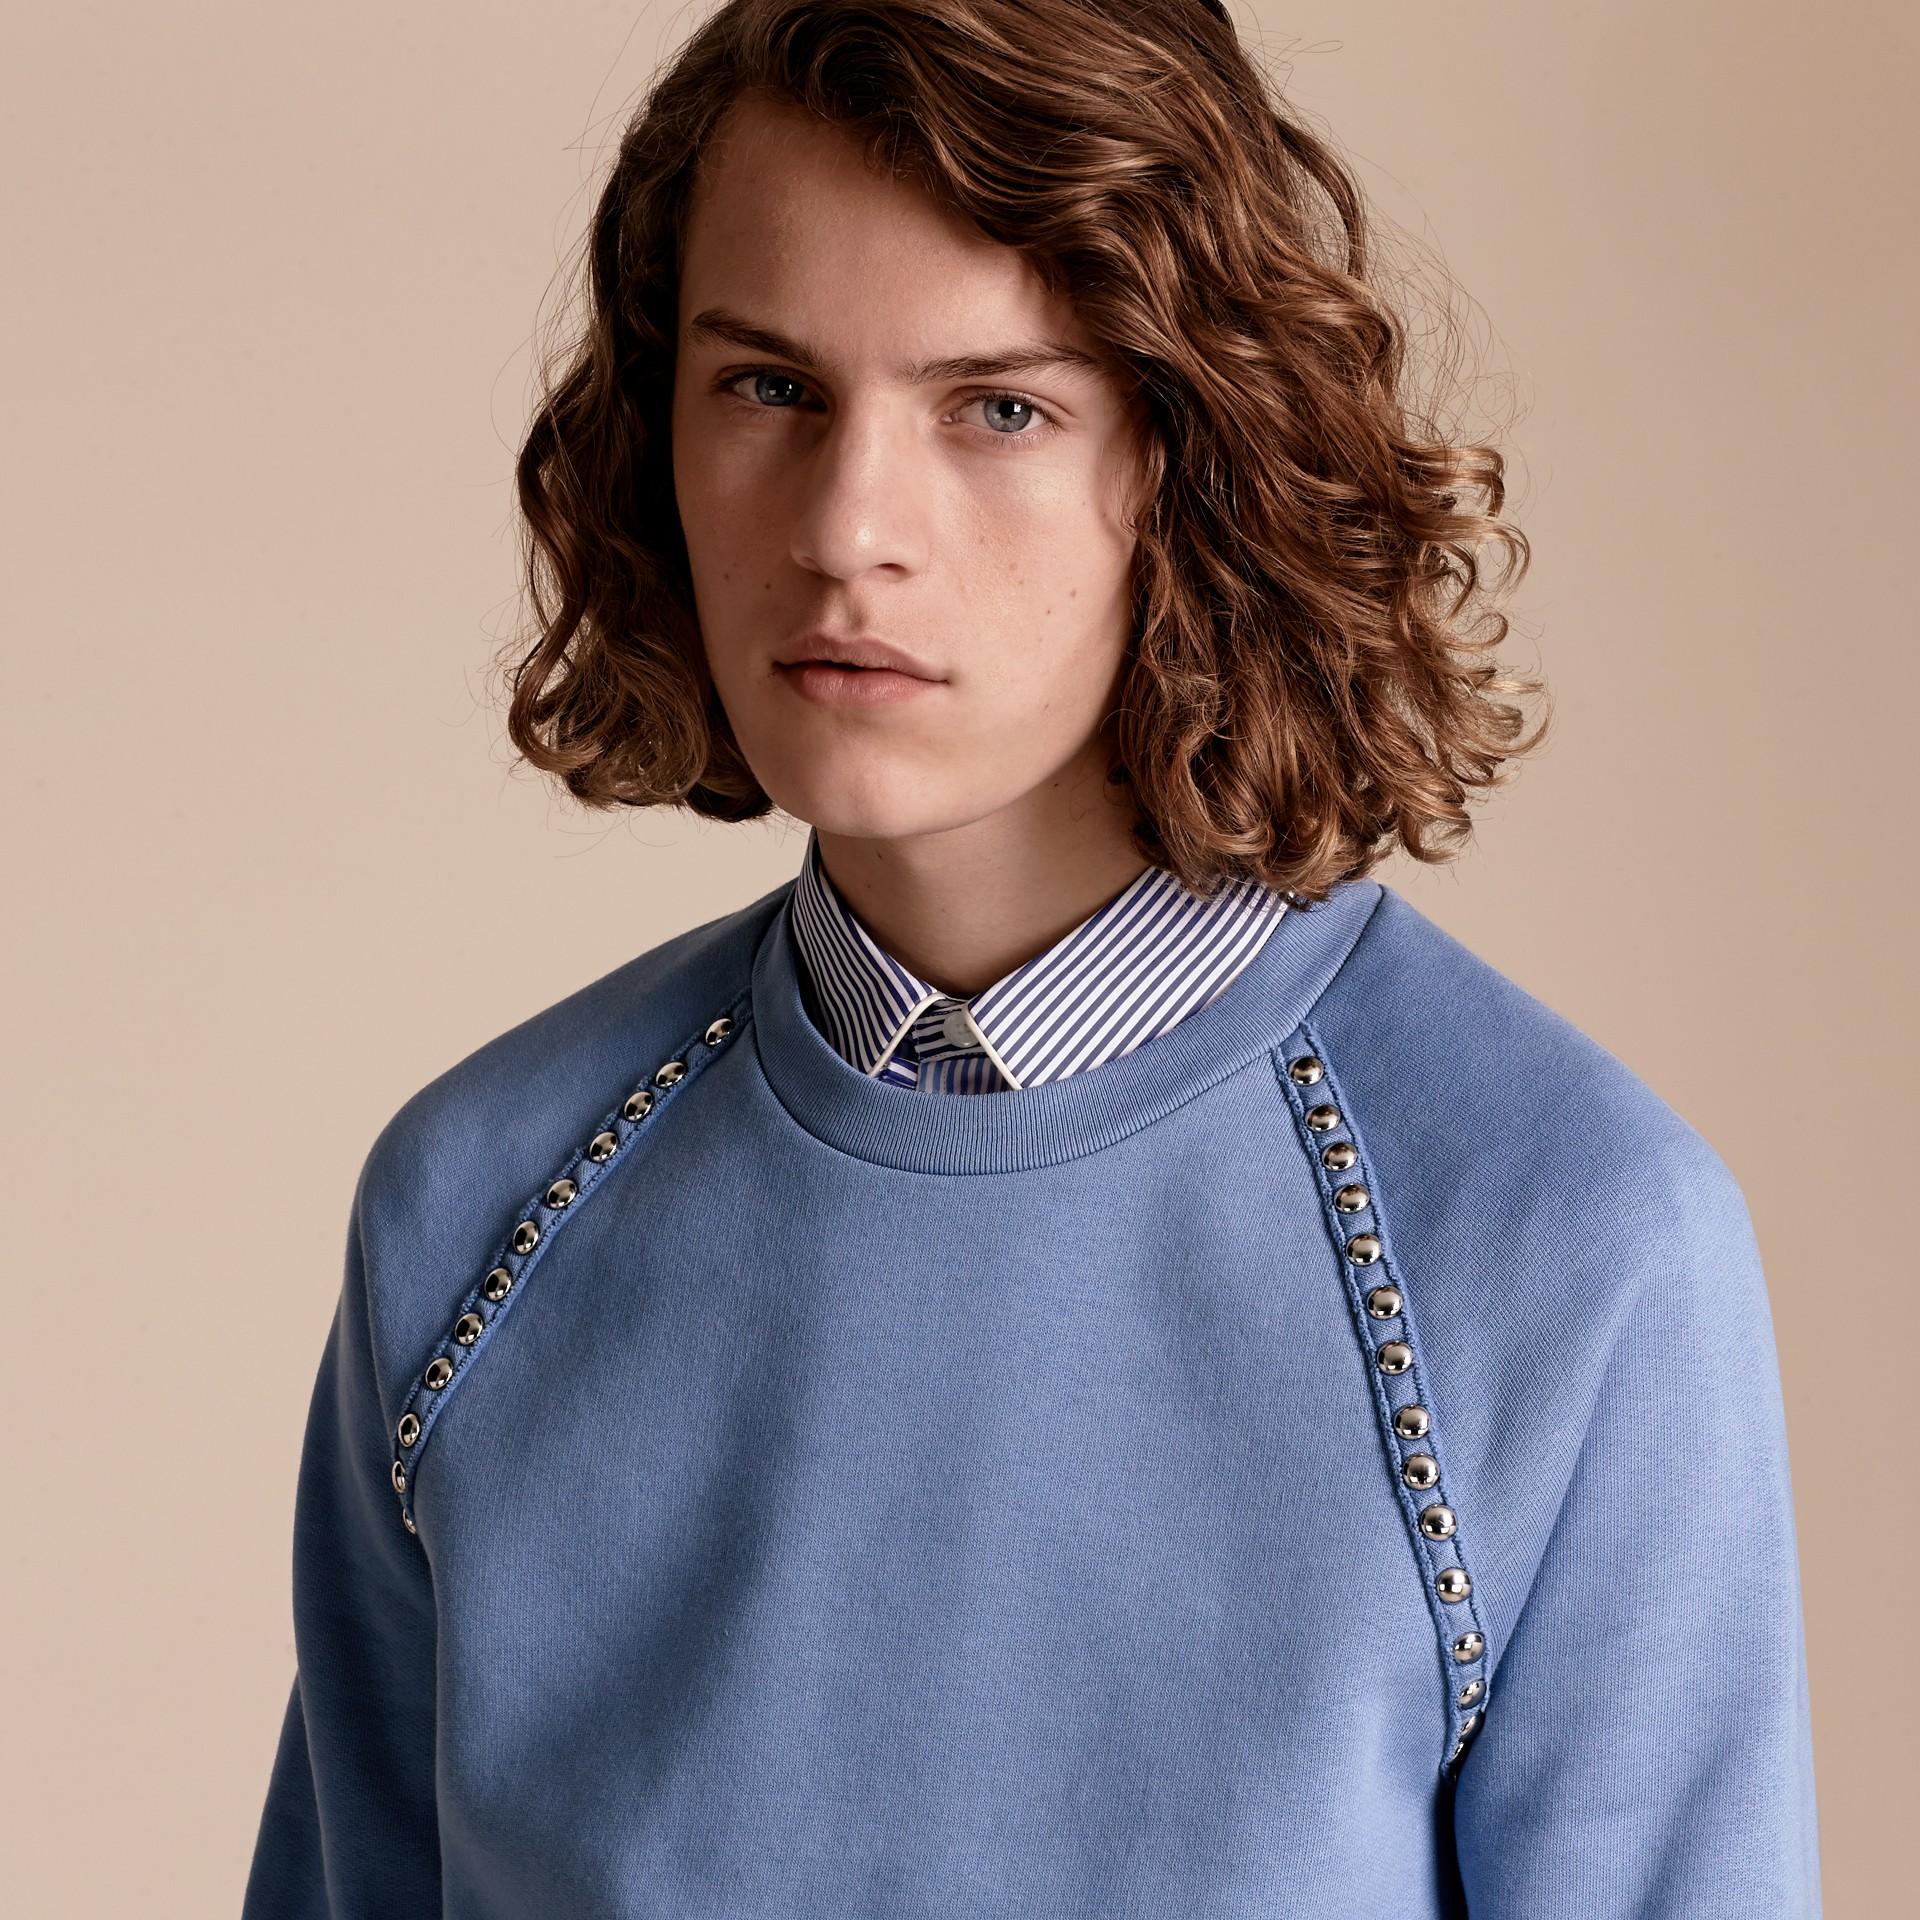 Azul claro Suéter de algodão com detalhe de tachas - galeria de imagens 5